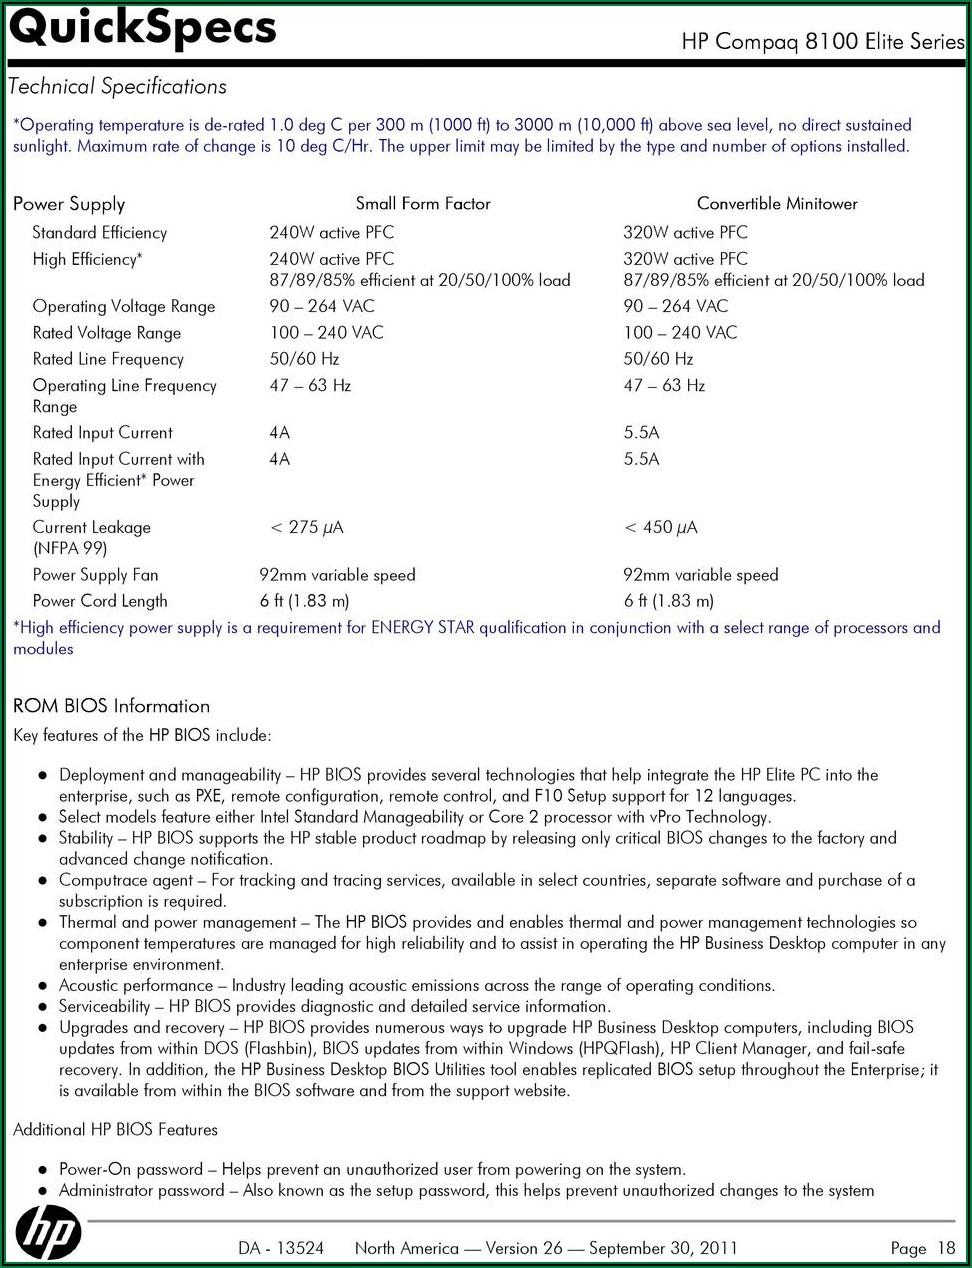 Hp Compaq 8100 Elite Small Form Factor Pc Quickspecs